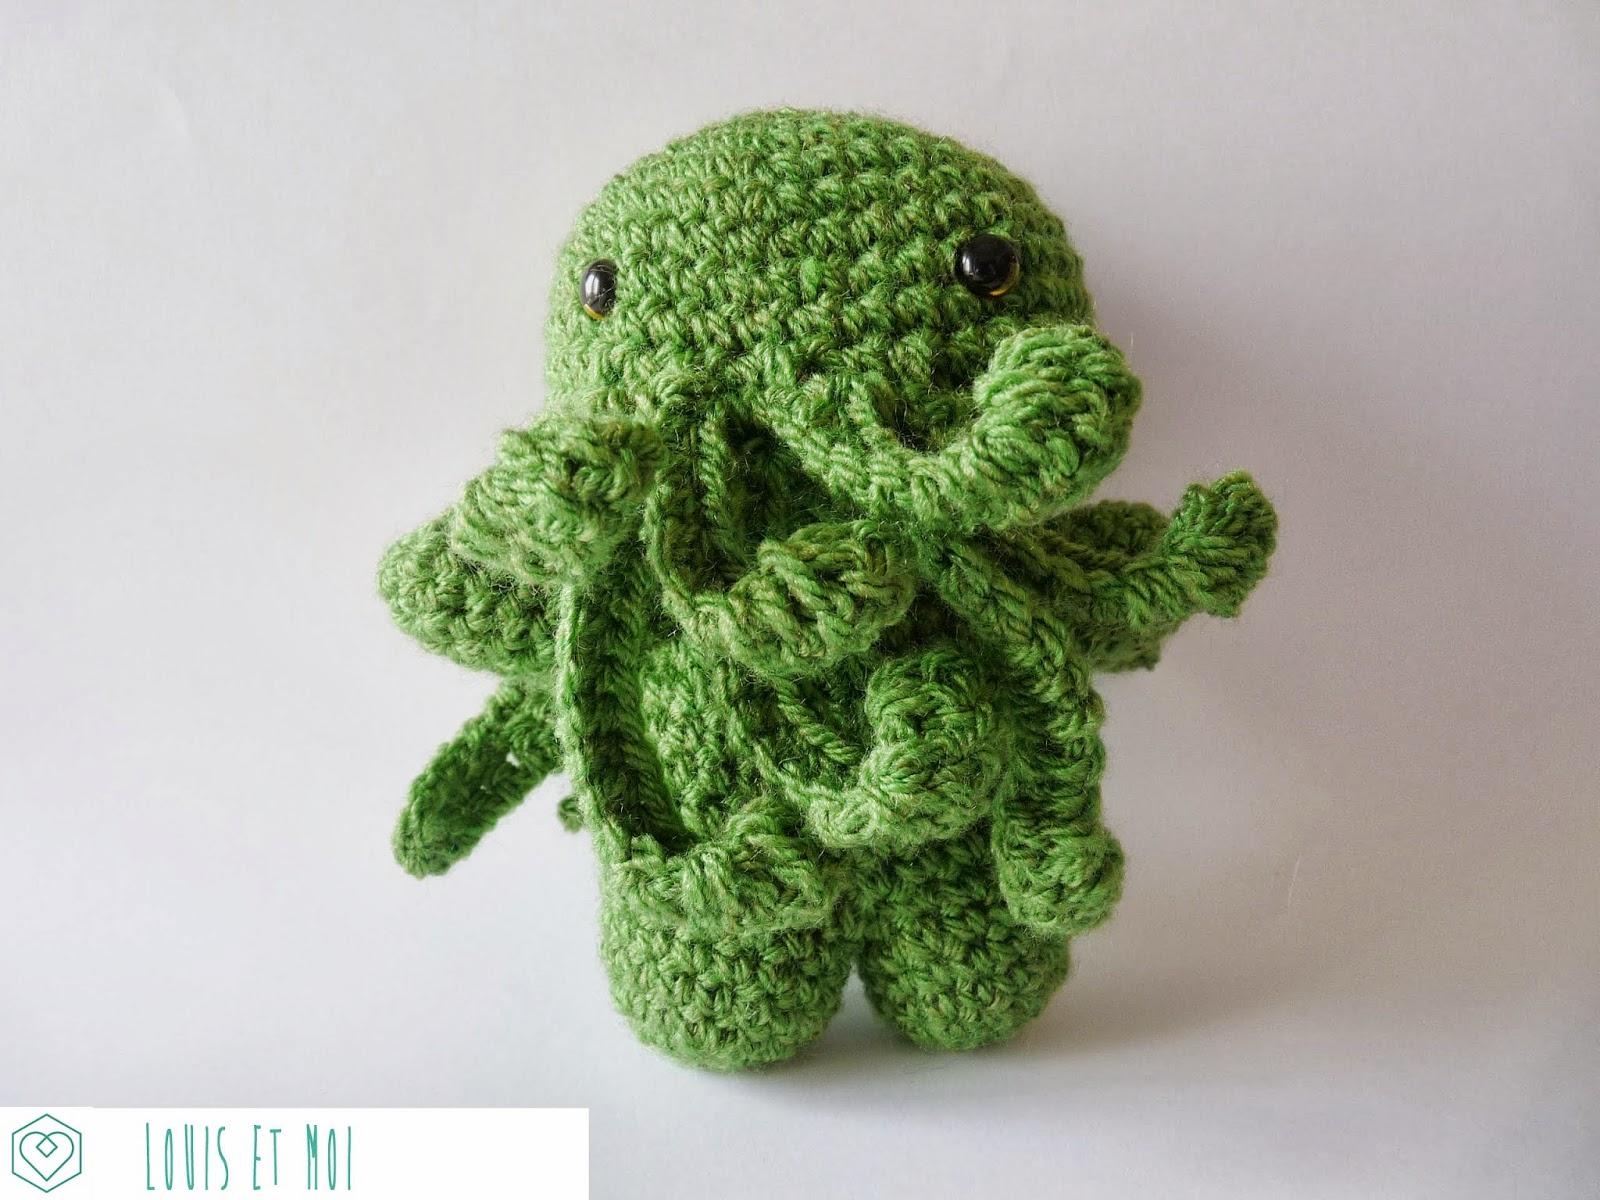 Louis et Moi (cosen y hacen crochet): Un Cthulhu de amigurumi